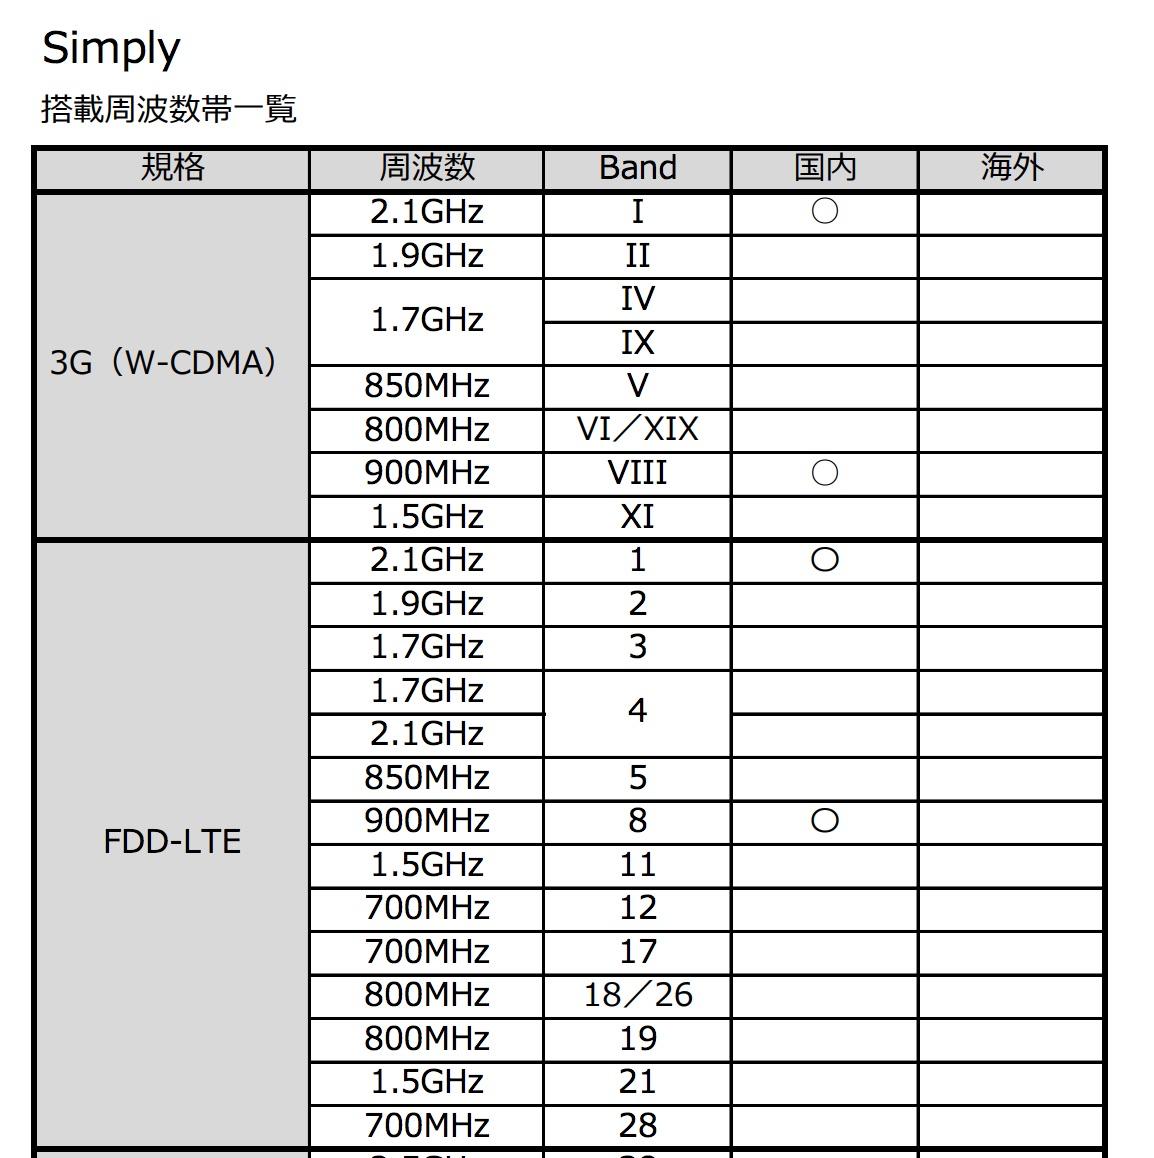 Simply:対応周波数一覧